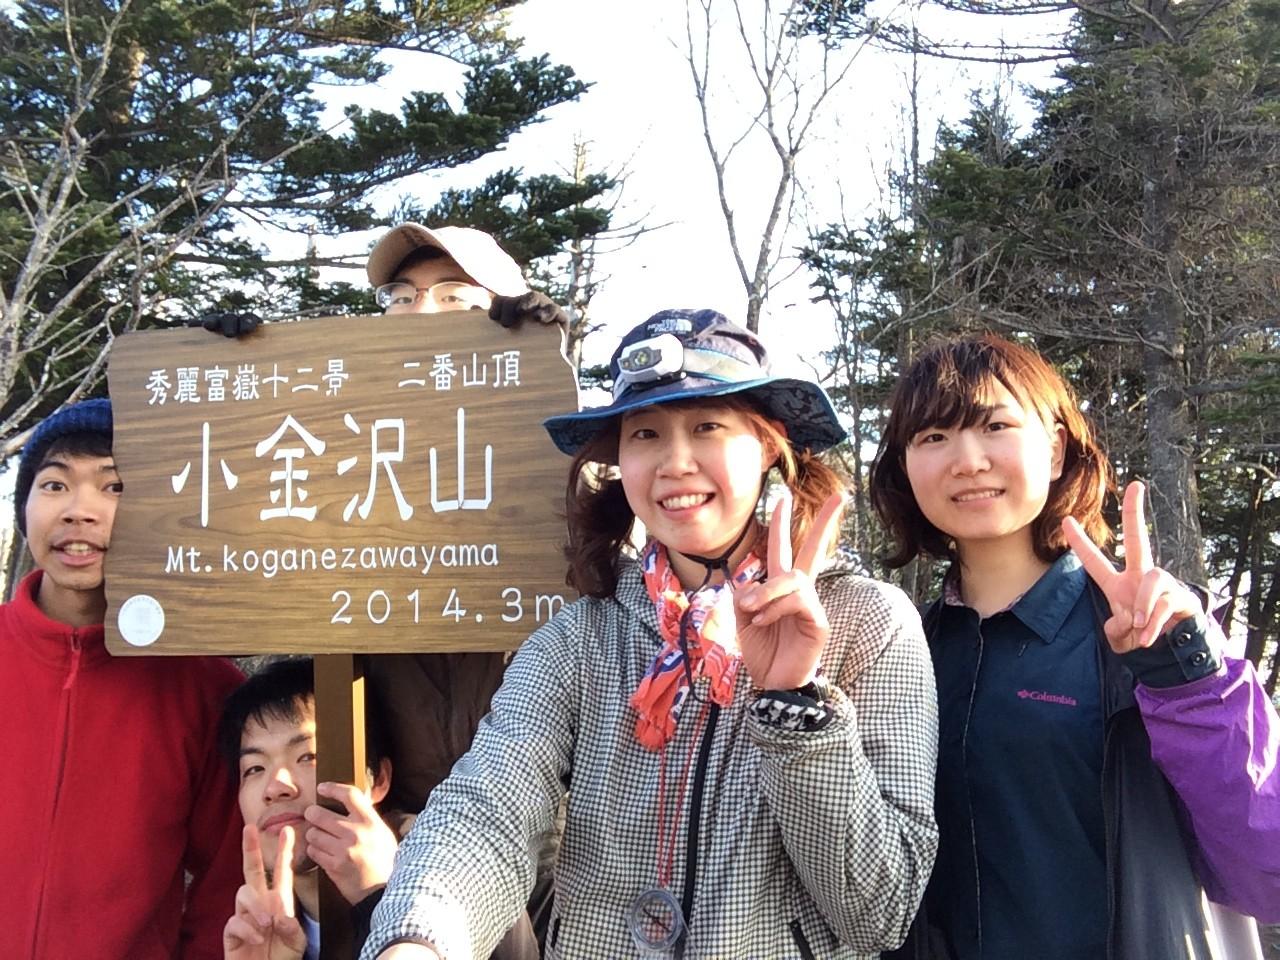 04.18-19 新歓プレ 滝子P